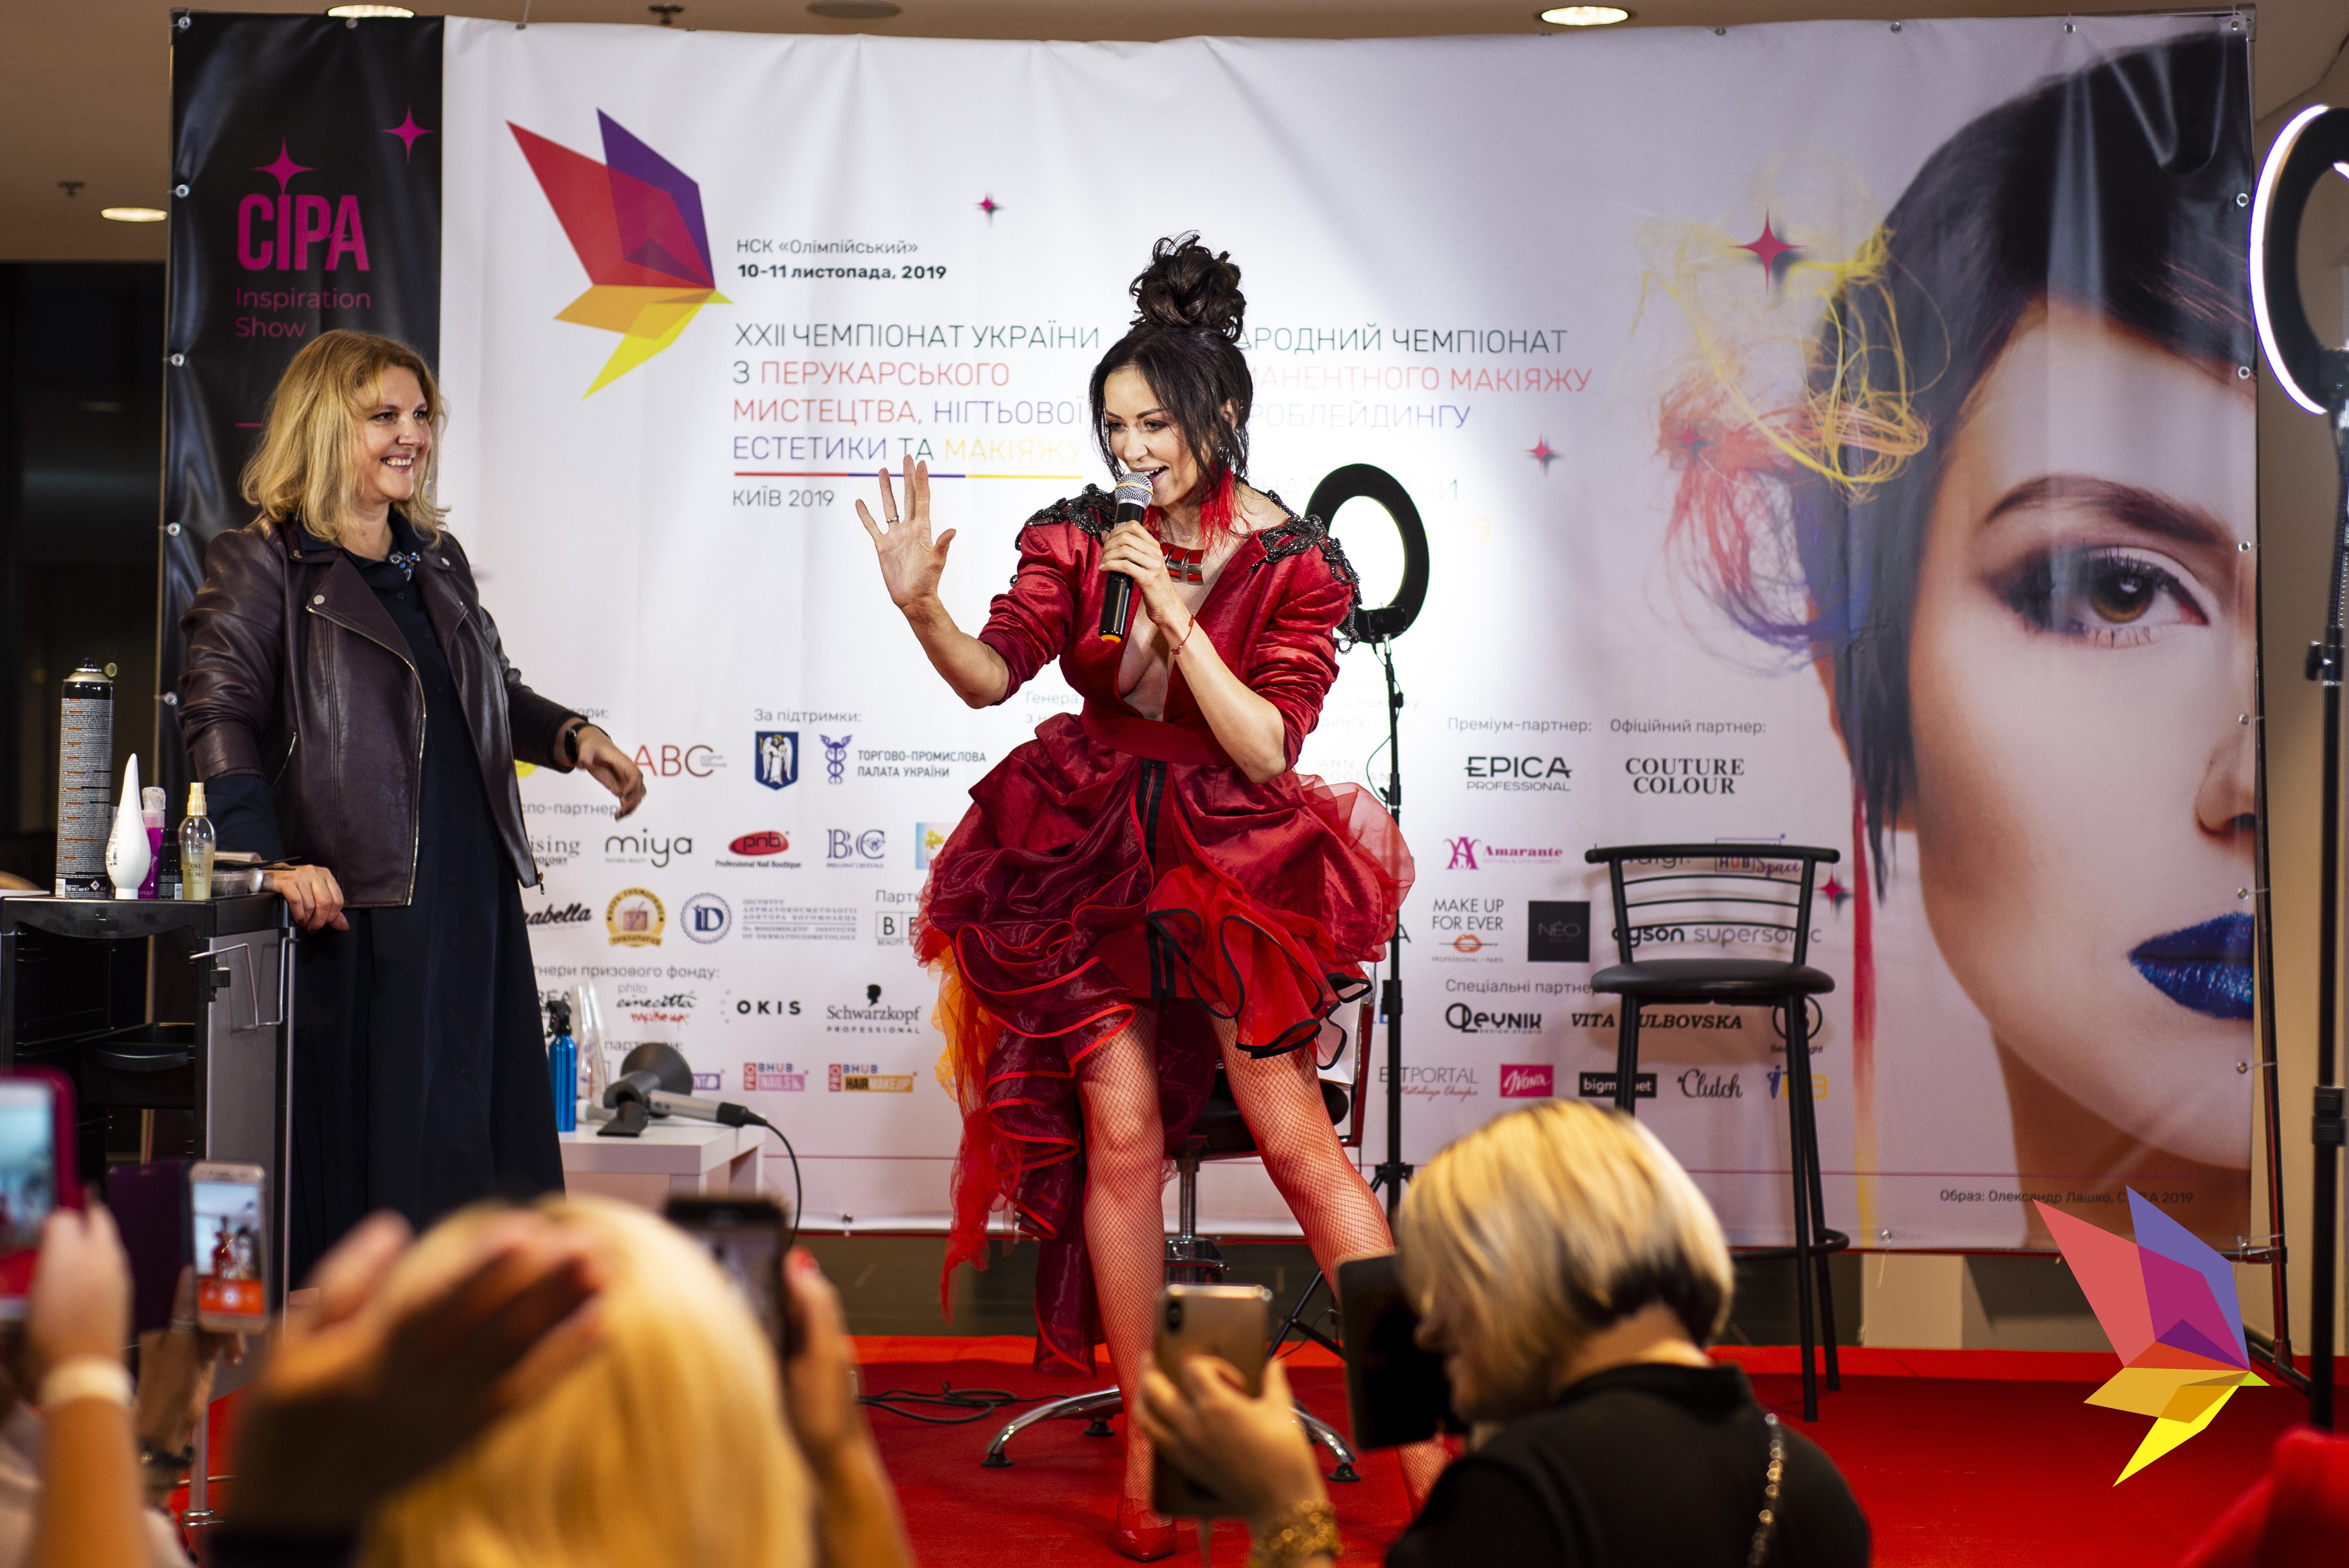 Чемпионат Украины по парикмахерскому искусству, ногтевой эстетике и макияжу